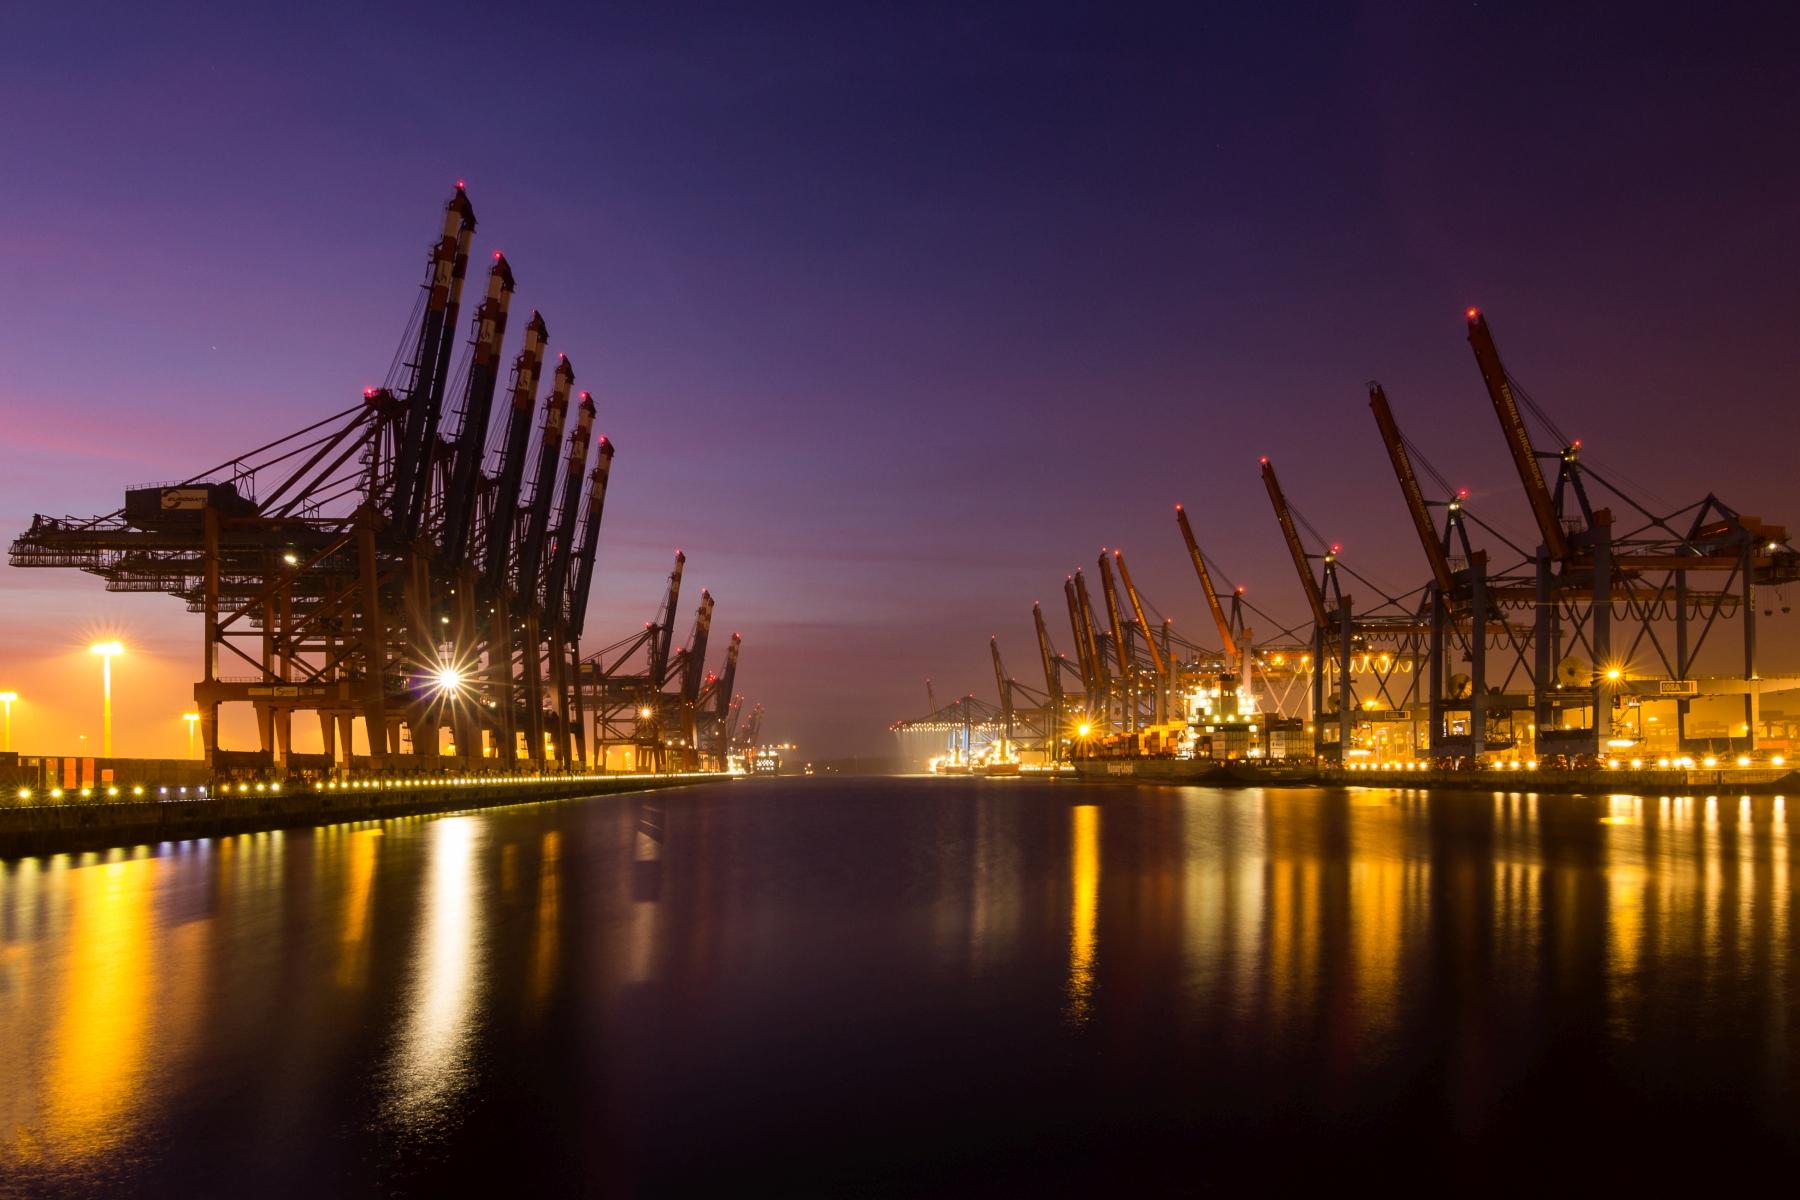 Meine 5 liebsten Fotospots in Hamburg